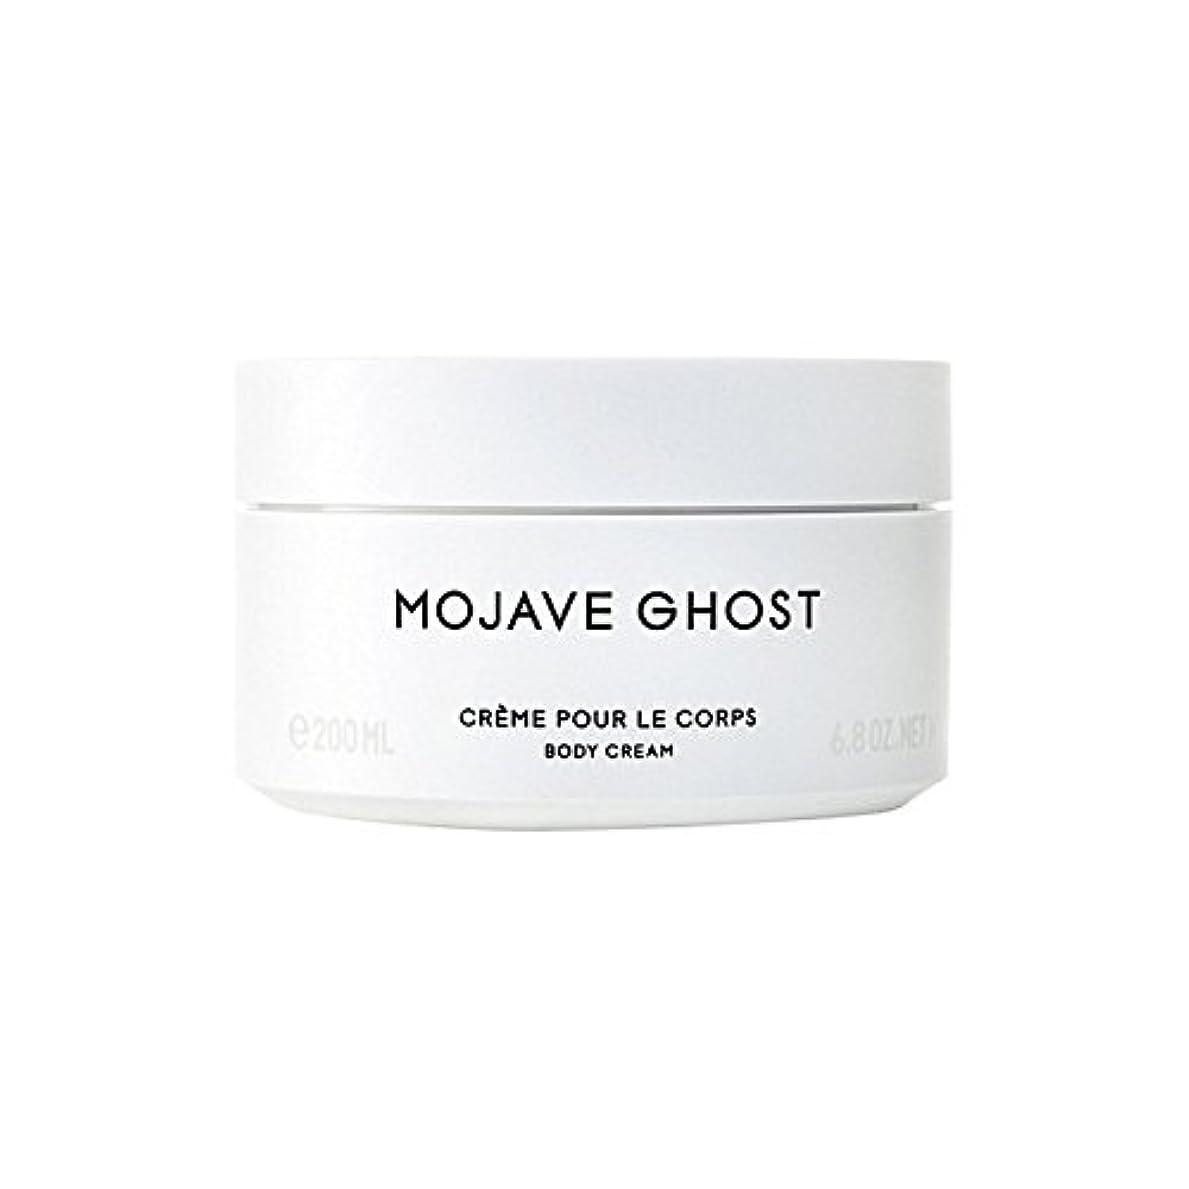 と組むバーマド中級モハーベゴーストボディクリーム200ミリリットル x2 - Byredo Mojave Ghost Body Cream 200ml (Pack of 2) [並行輸入品]